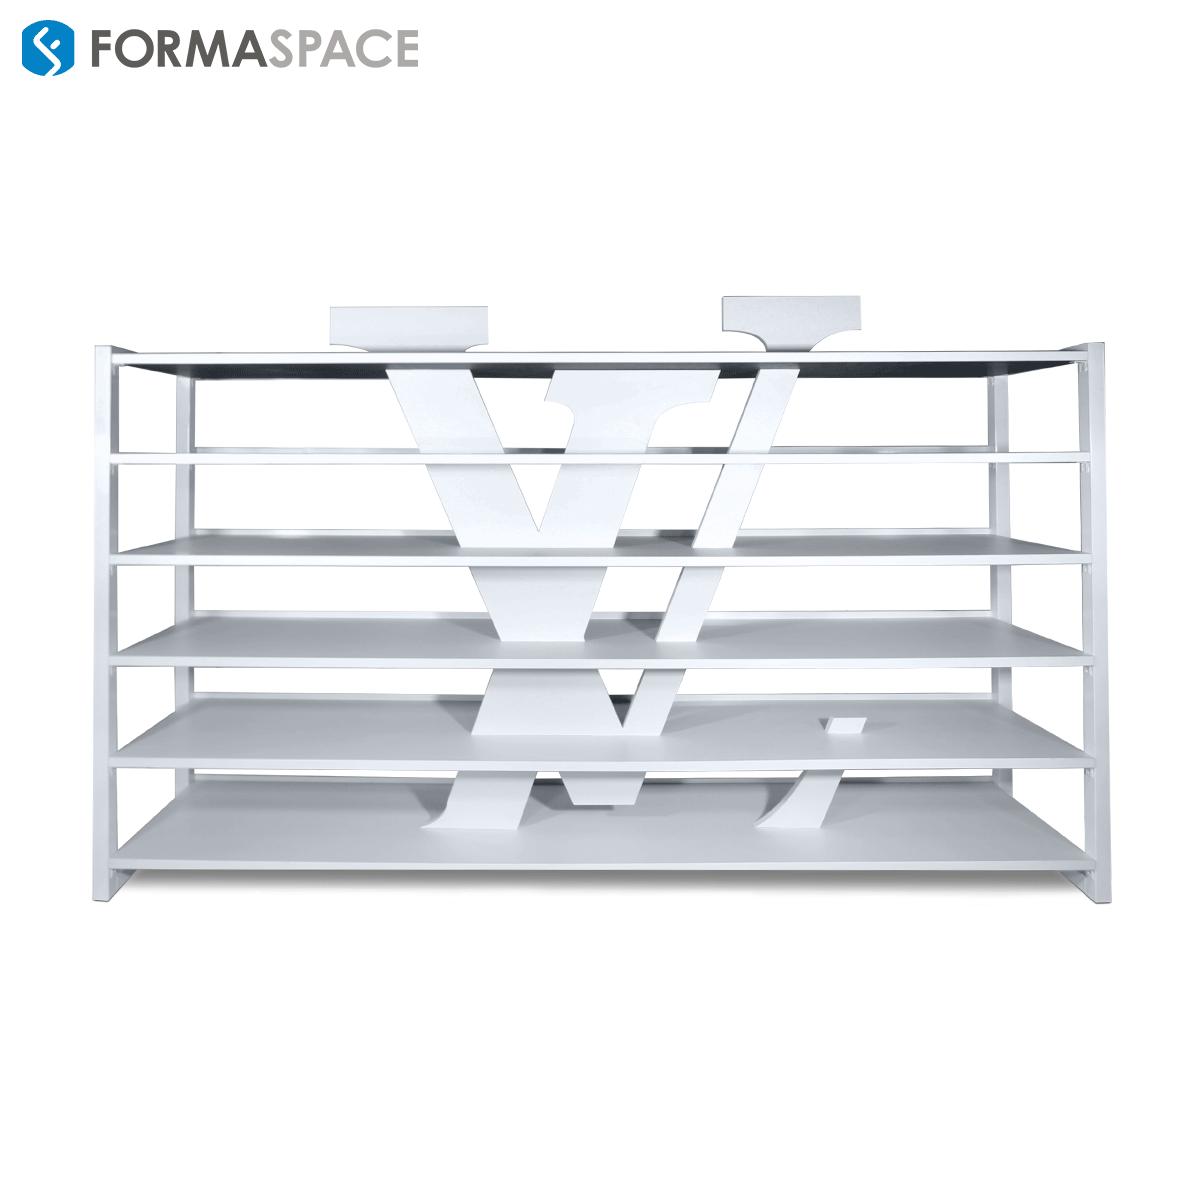 Custom Shelving For Designer Retailer Formaspace Custom White Laminate Shelves Surround Retailer S Log Custom Shelving Industrial Design Furniture Shelving